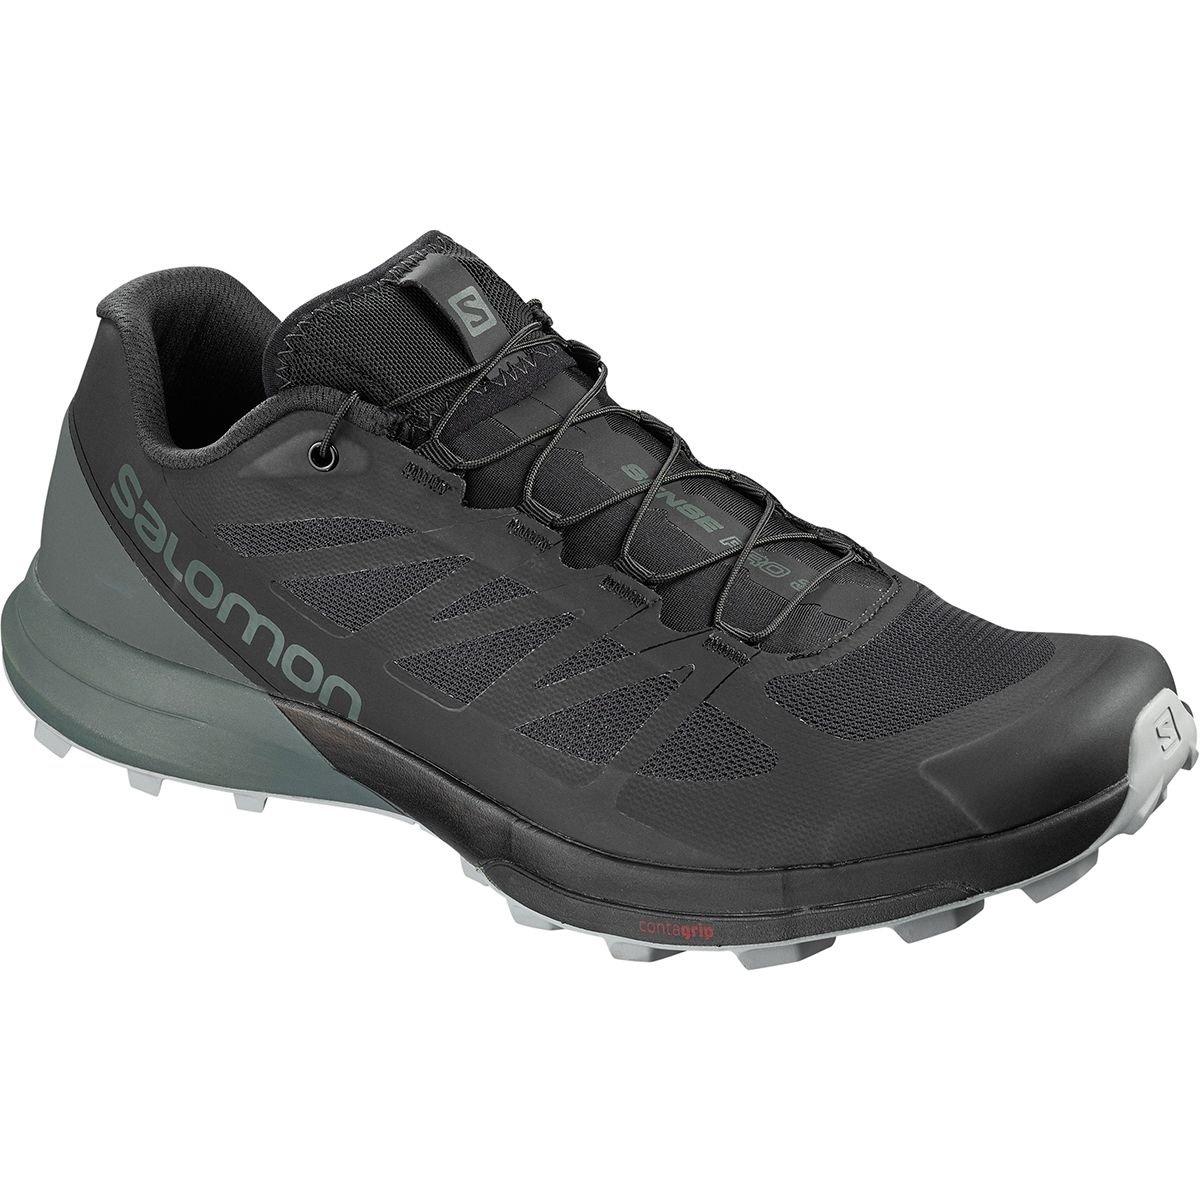 品質が [サロモン] Sense メンズ ランニング Sense Pro [並行輸入品] 3 Trail Running Running Shoe [並行輸入品] B07G49742C US-12.5/UK-12.0, 中之島町:5f7c3396 --- 4x4.lt